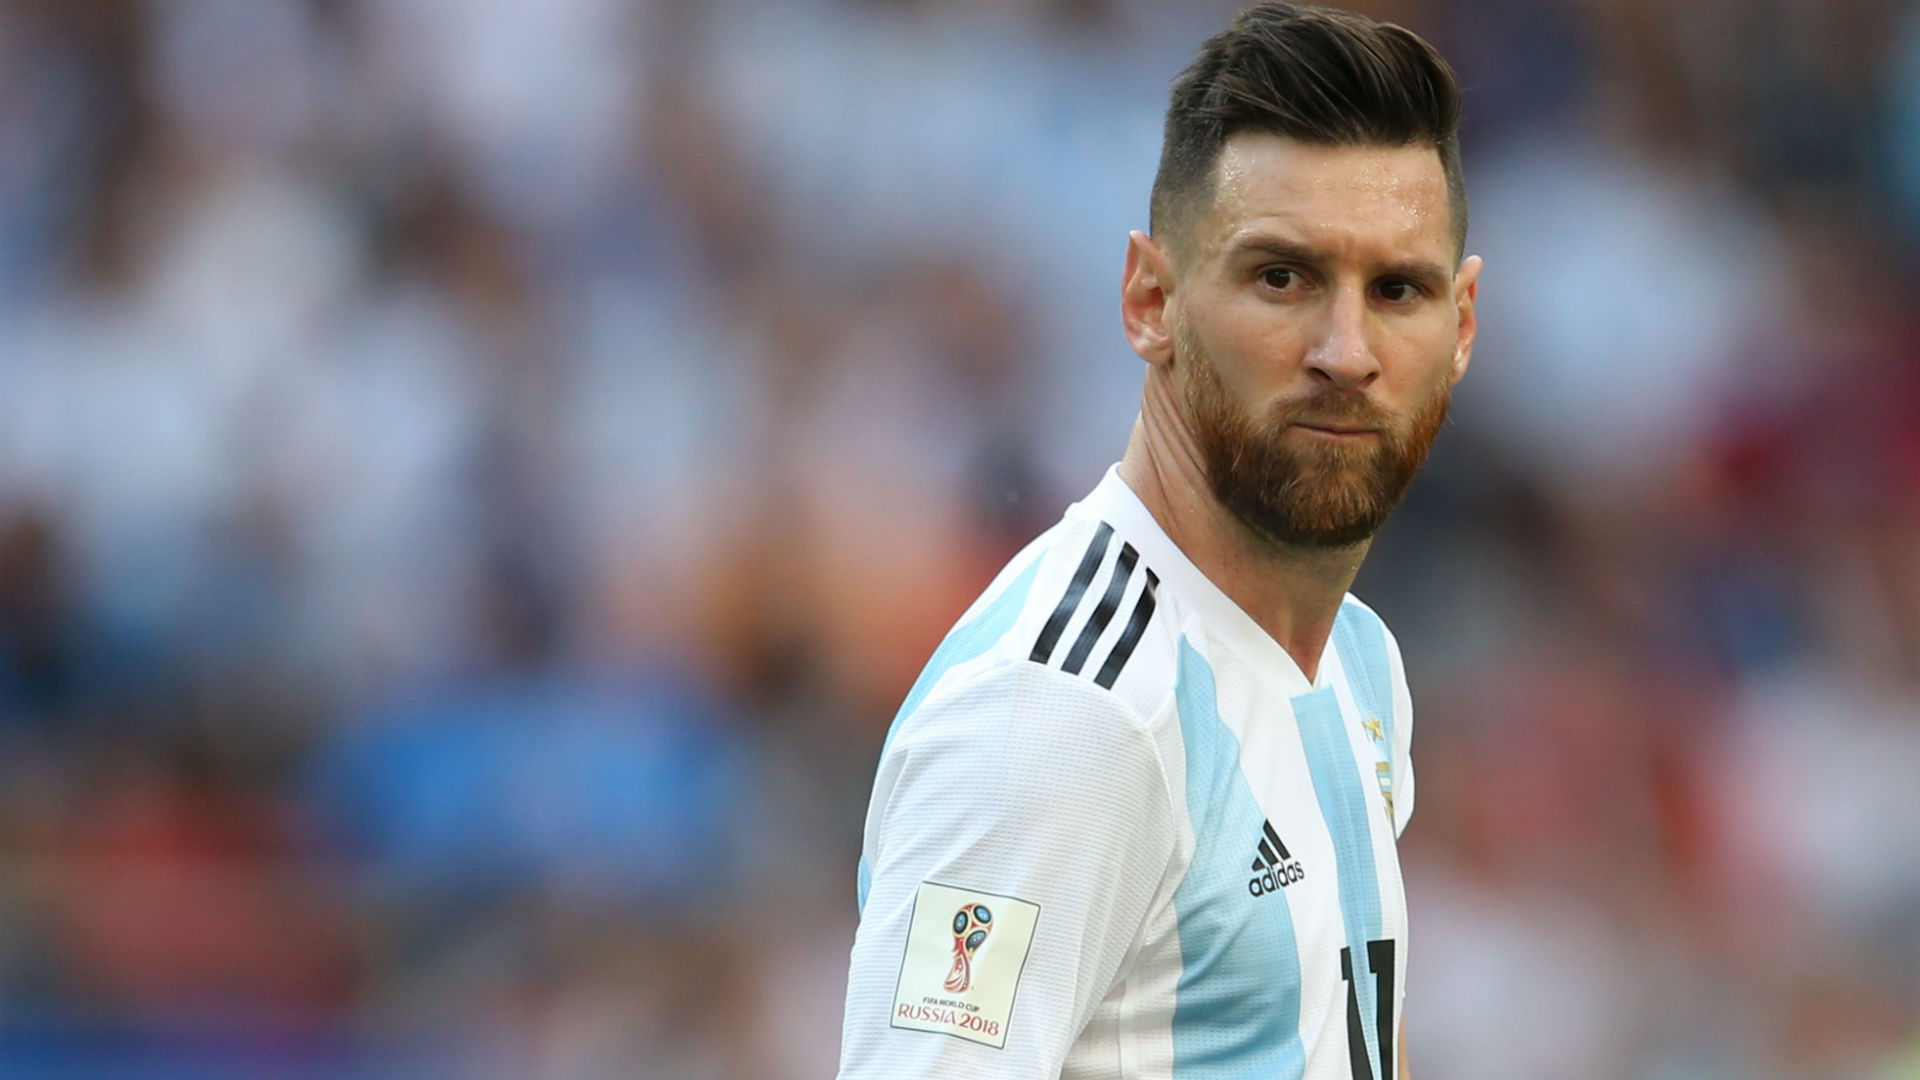 Lionel Messi, Captain, Argentina